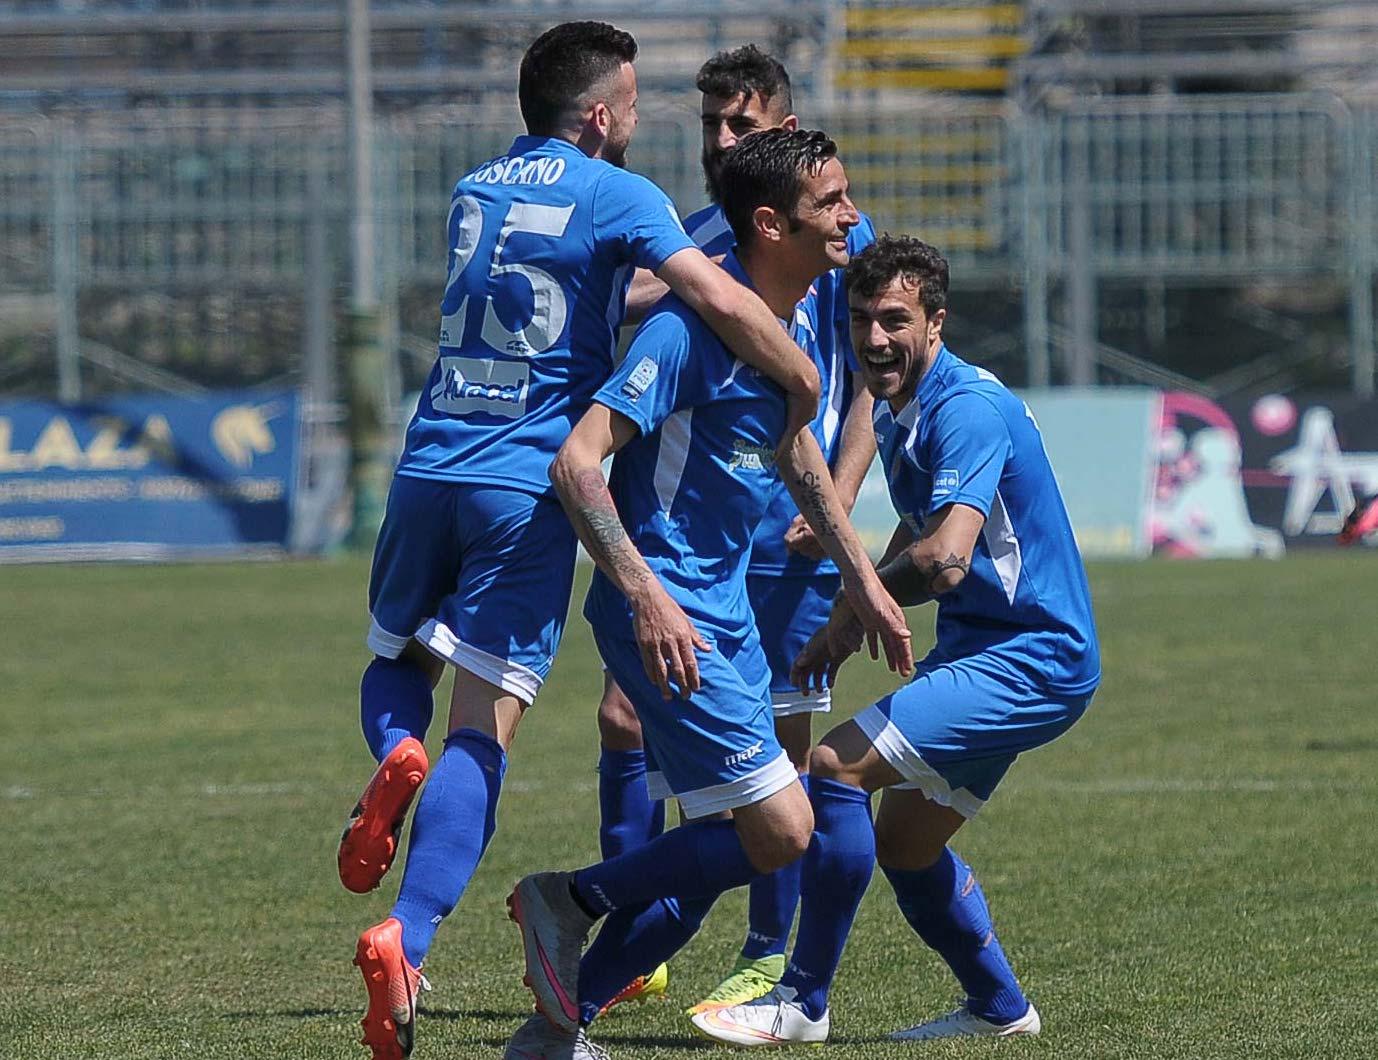 Il Siracusa batte la Paganese con un gol per tempo e consolida il quinto posto RISULTATI E CLASSIFICA